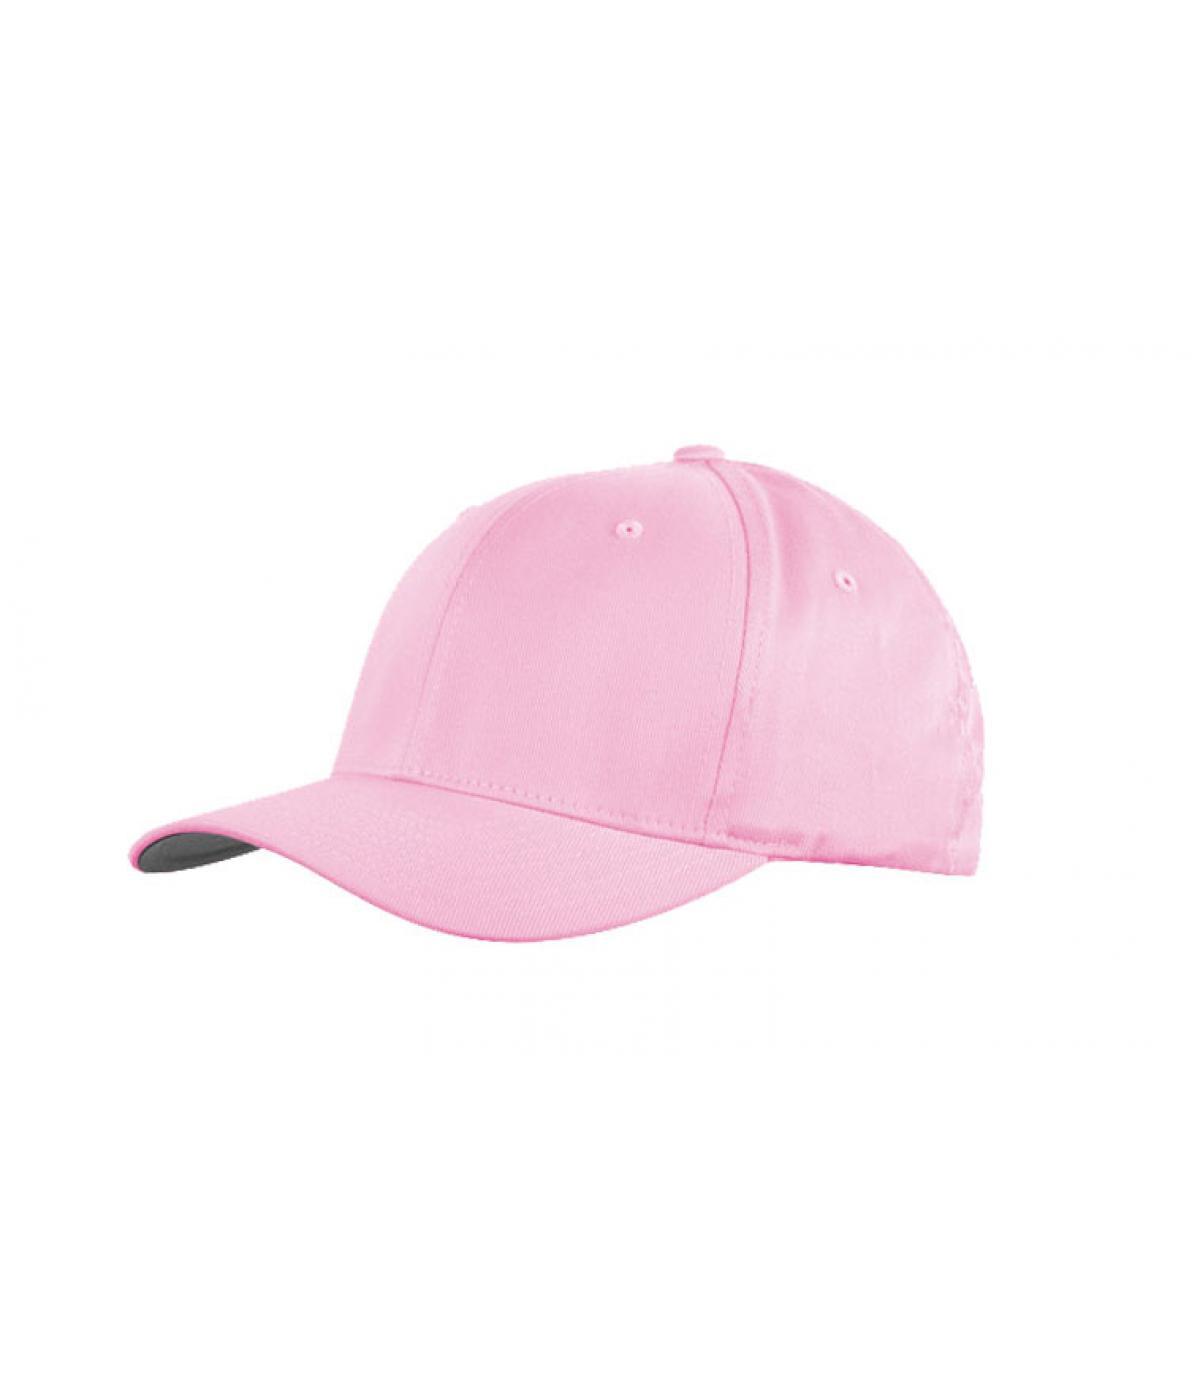 Détails Flexfit cap pink - image 2